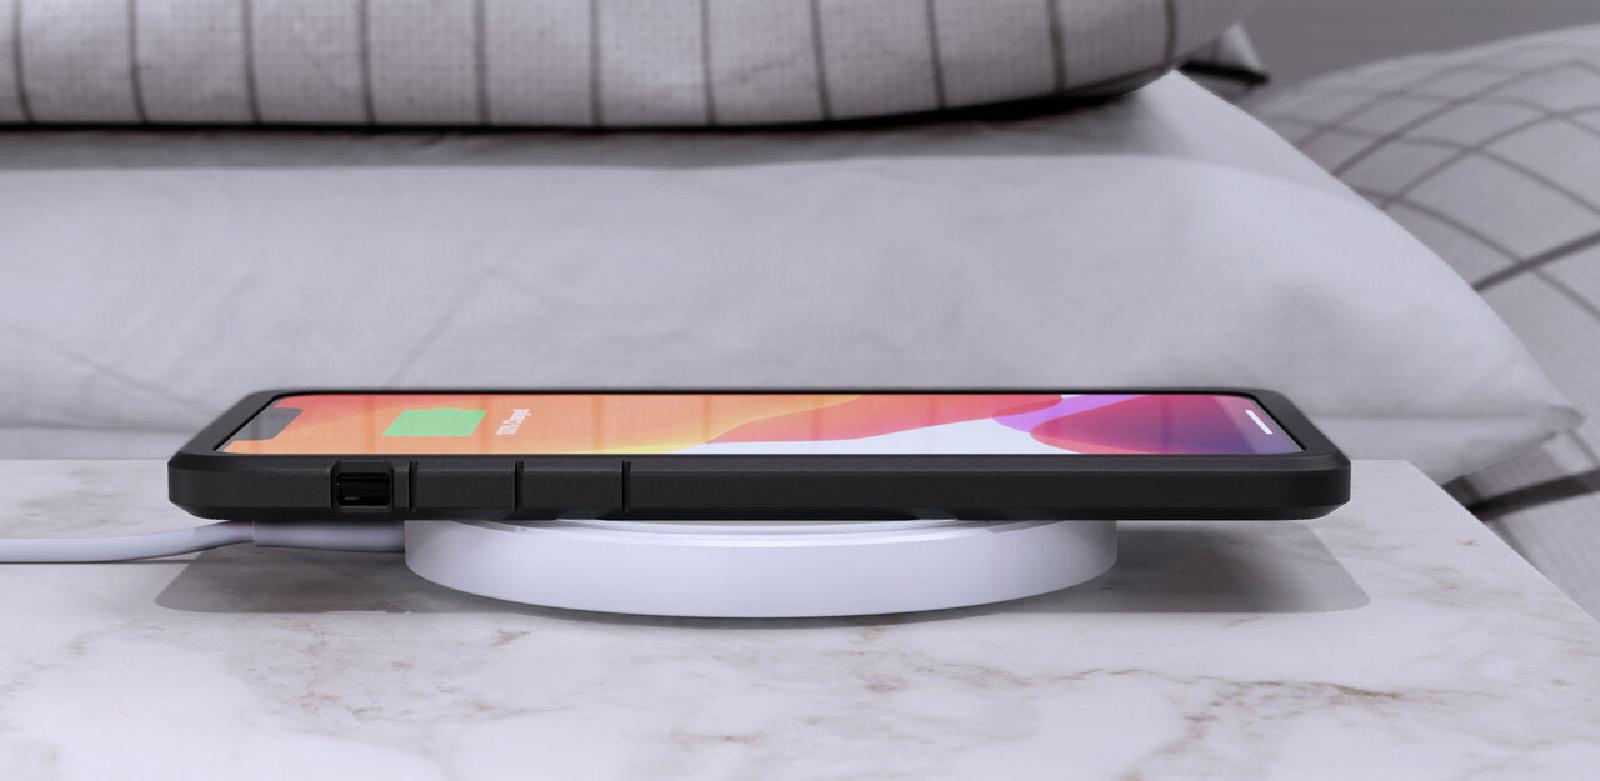 Recensione SanDisk Ixpand Wireless Charger 15W, carica veloce con eleganza per iPhone e Android